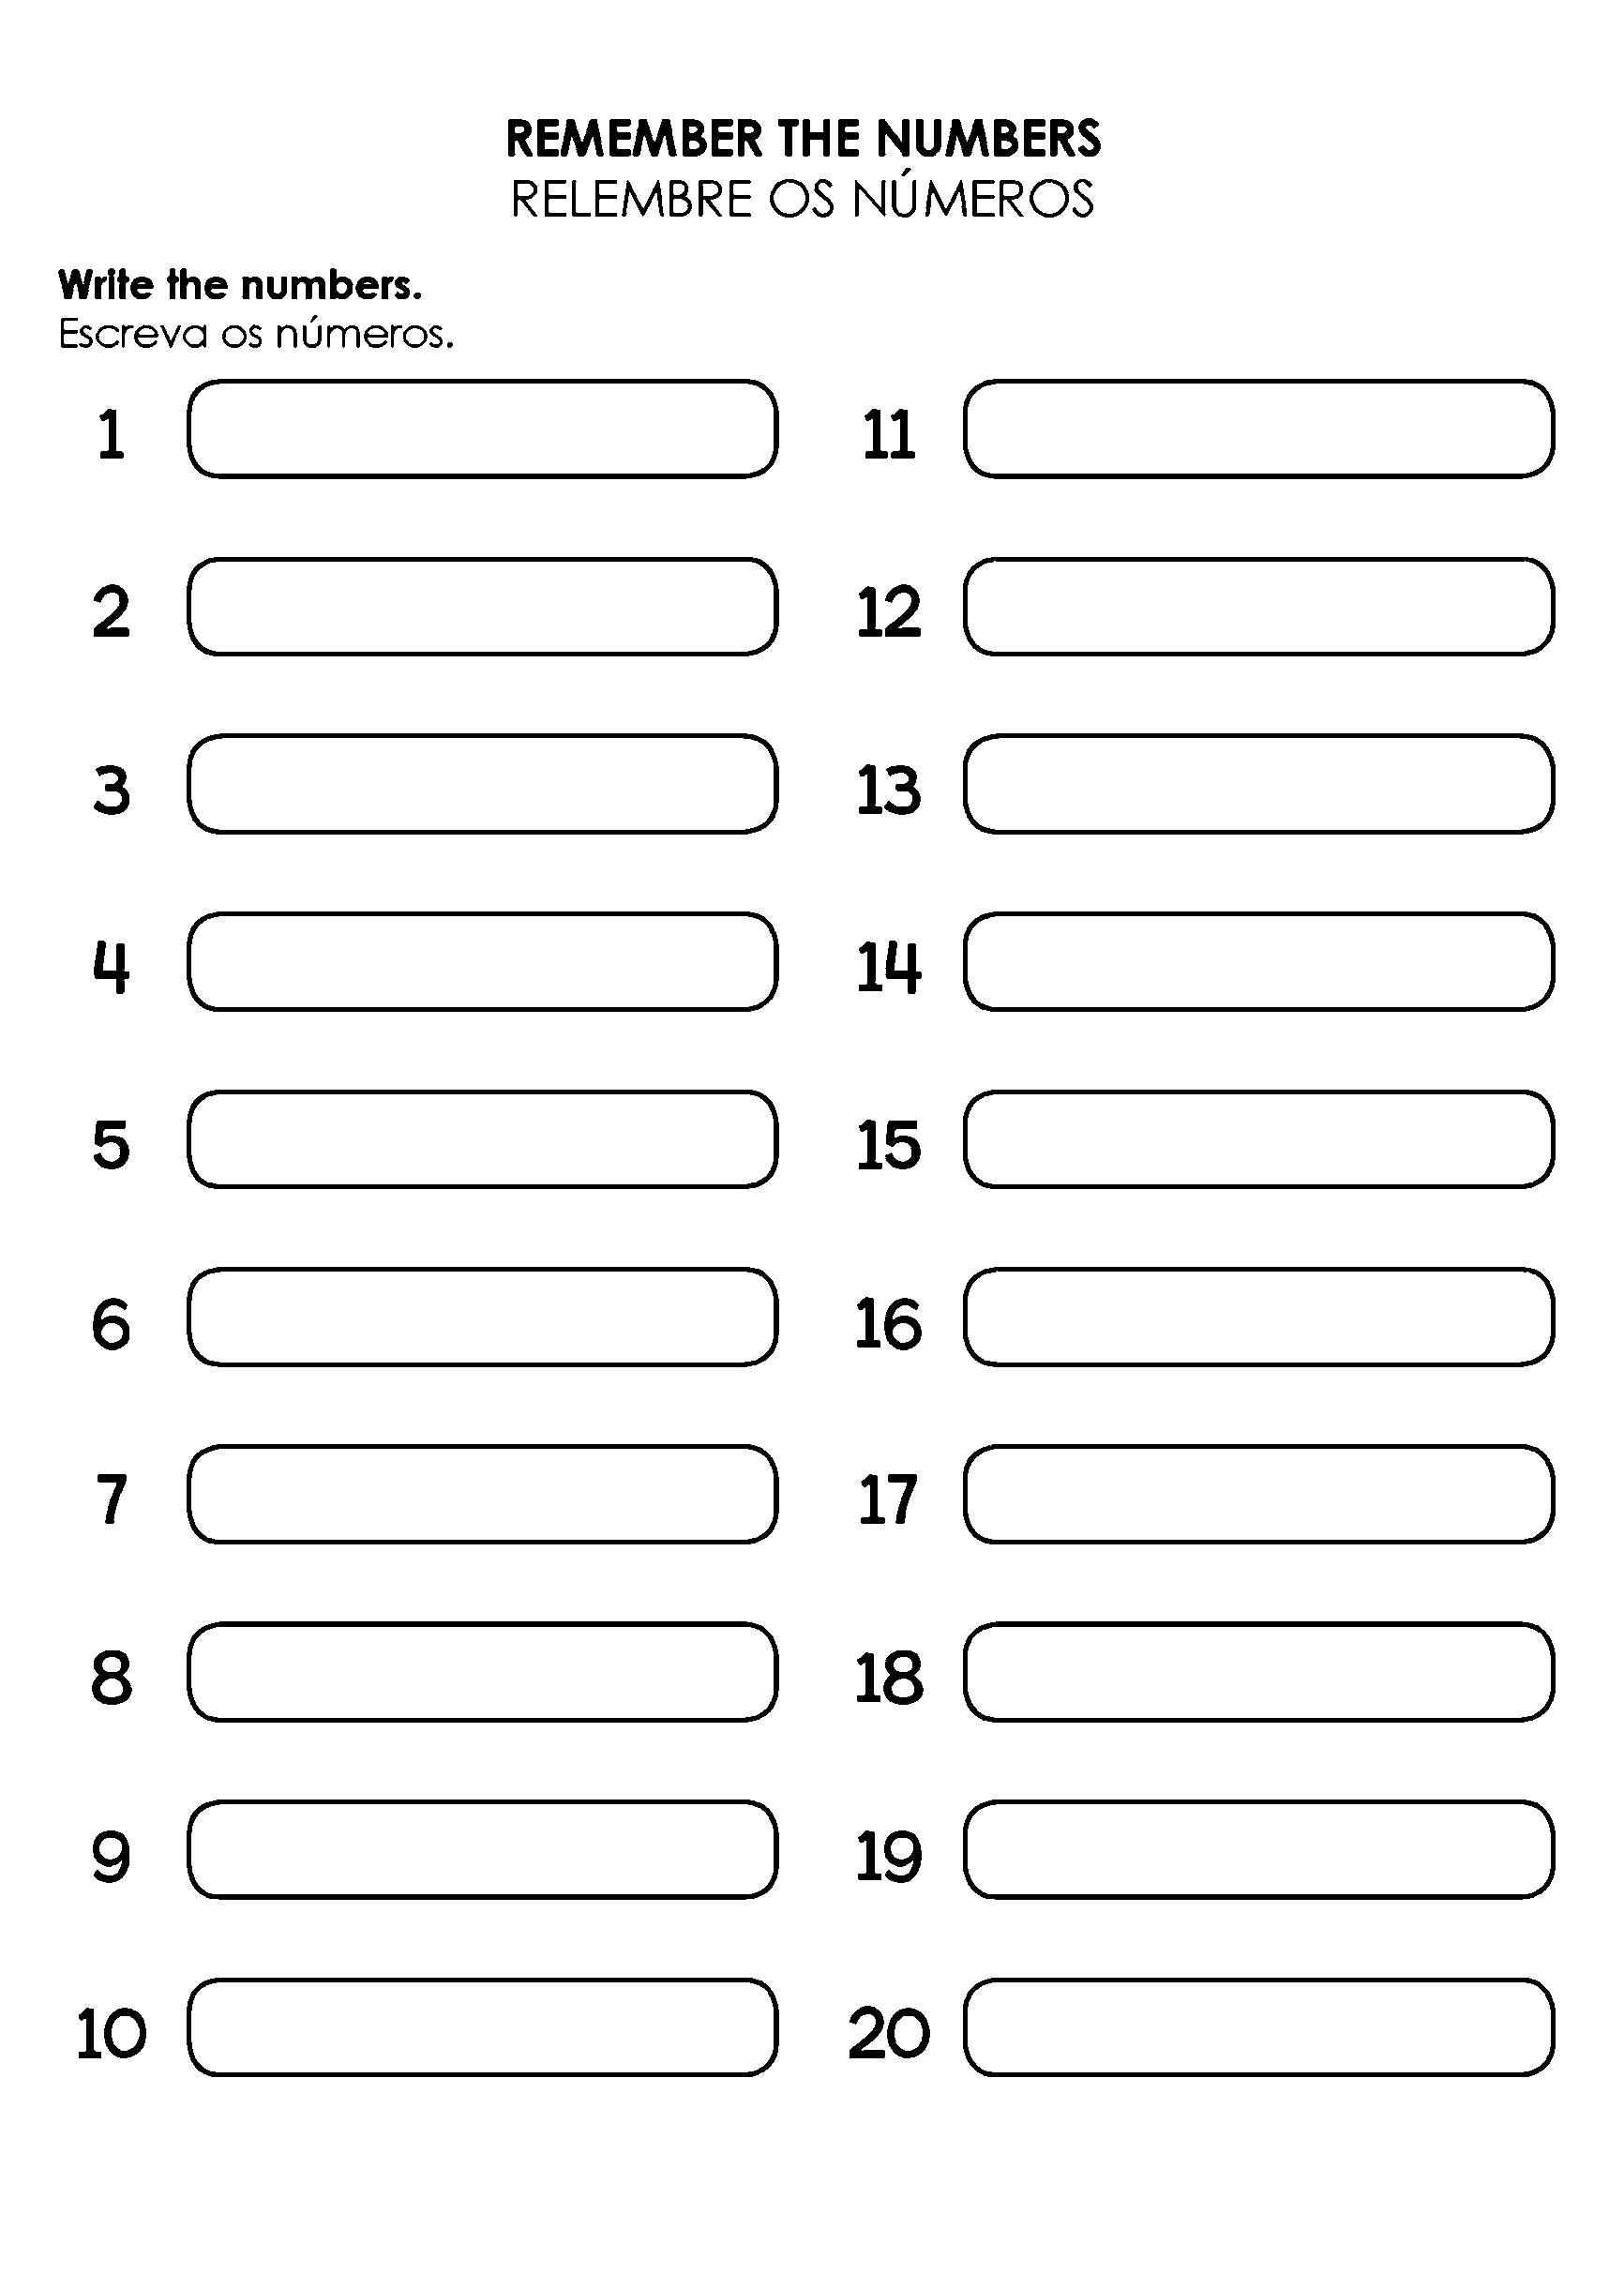 Atividade de escrever números por extenso em inglês